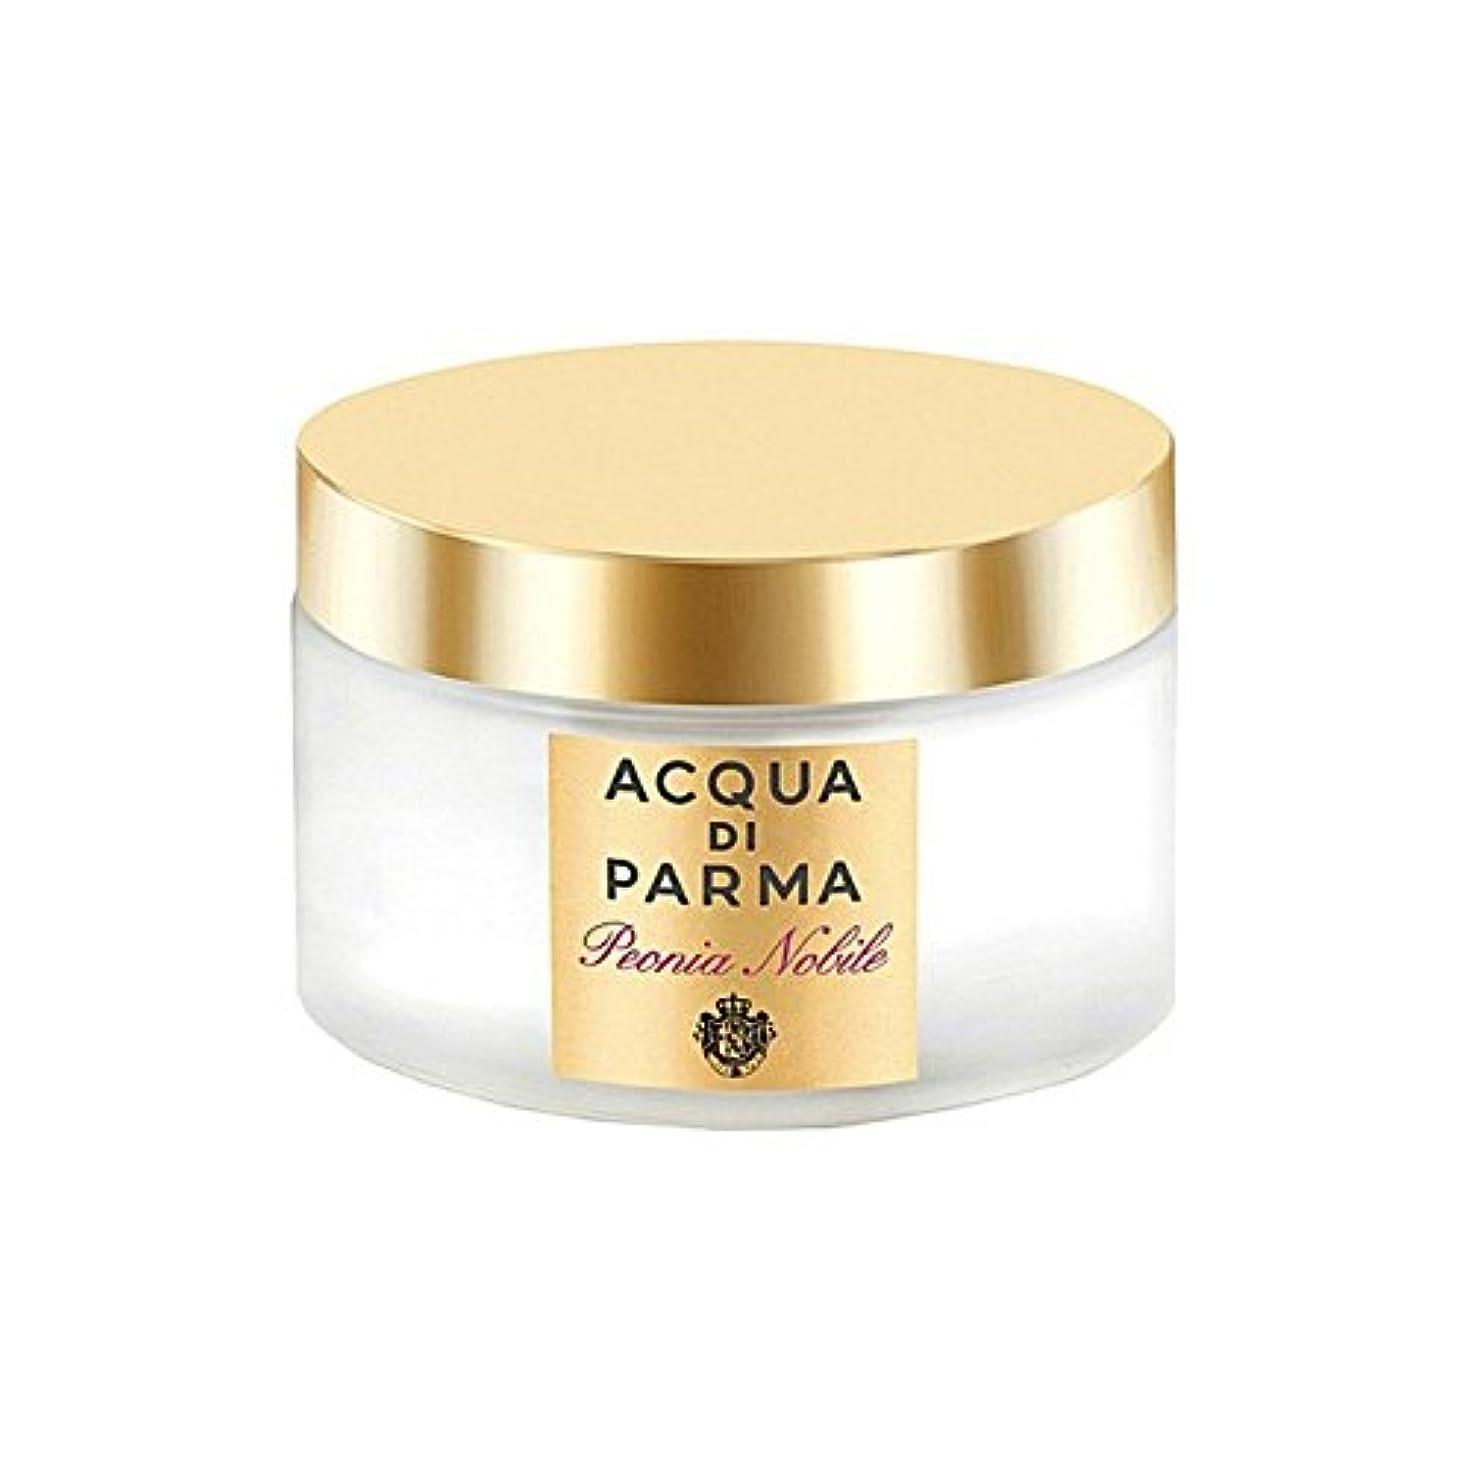 湿ったトーナメント課すアクアディパルマノビレボディクリーム150ミリリットル x4 - Acqua Di Parma Peonia Nobile Body Cream 150ml (Pack of 4) [並行輸入品]